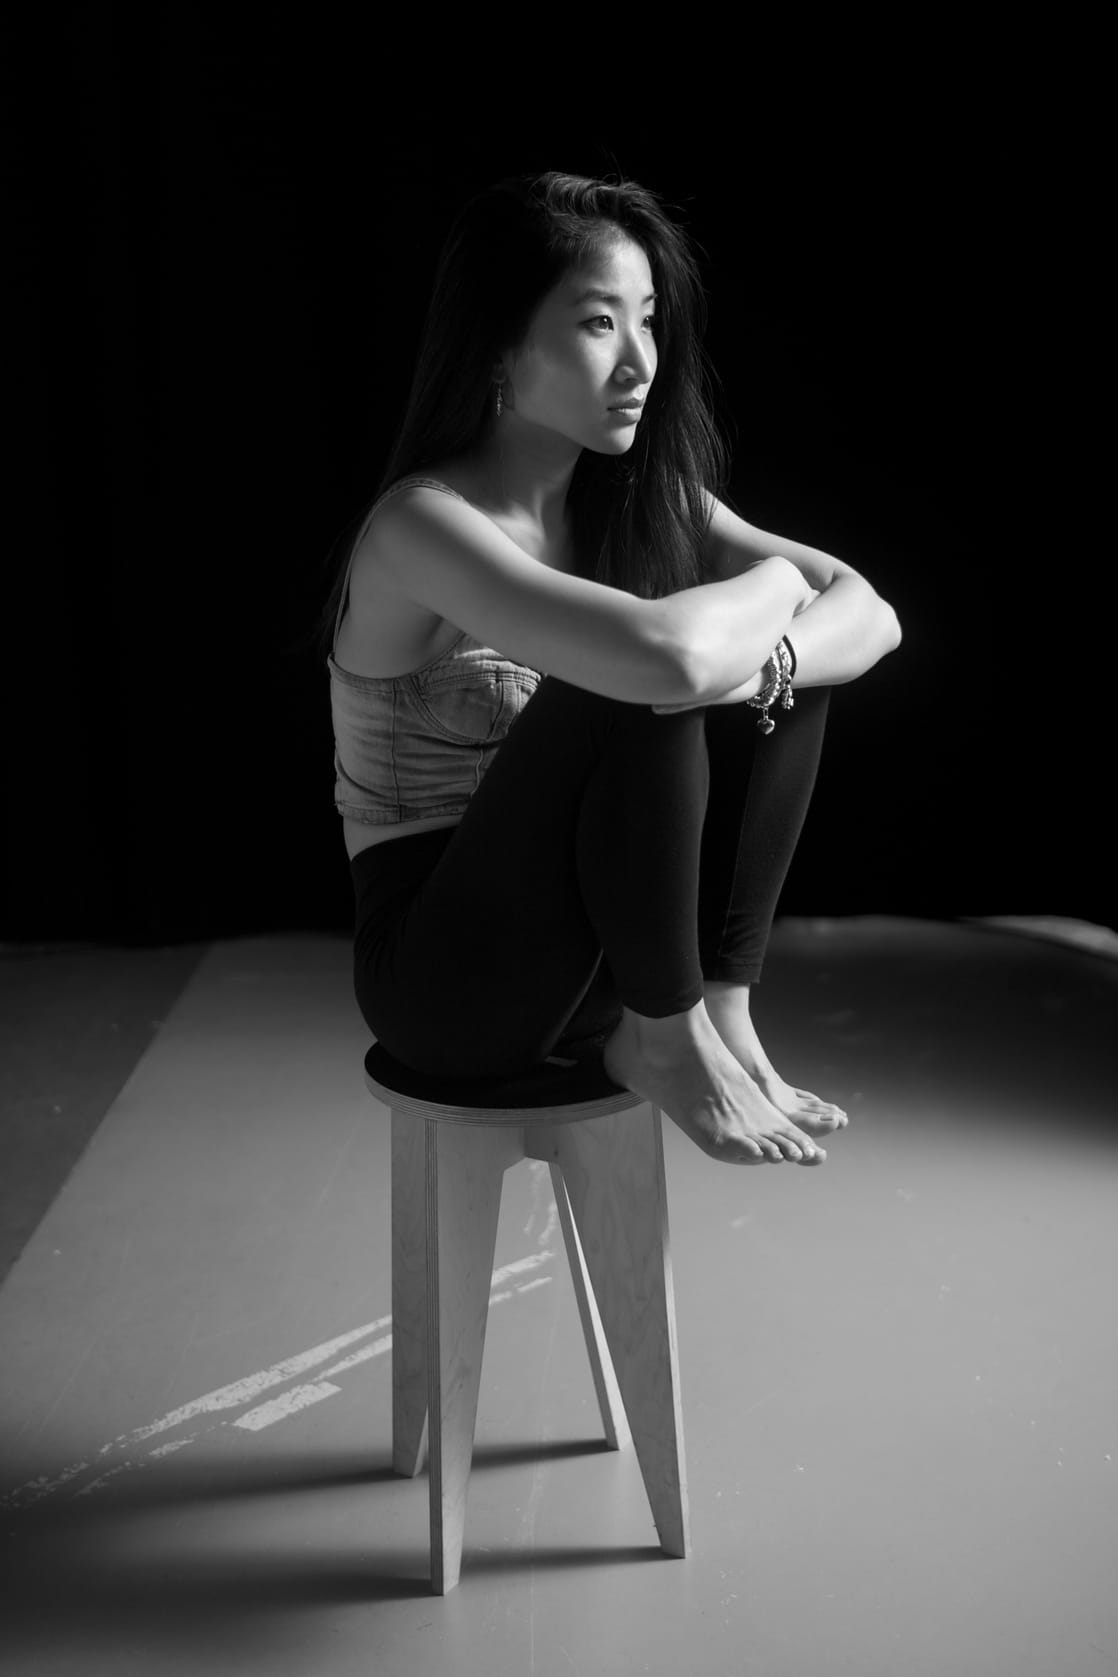 kae alexander actress